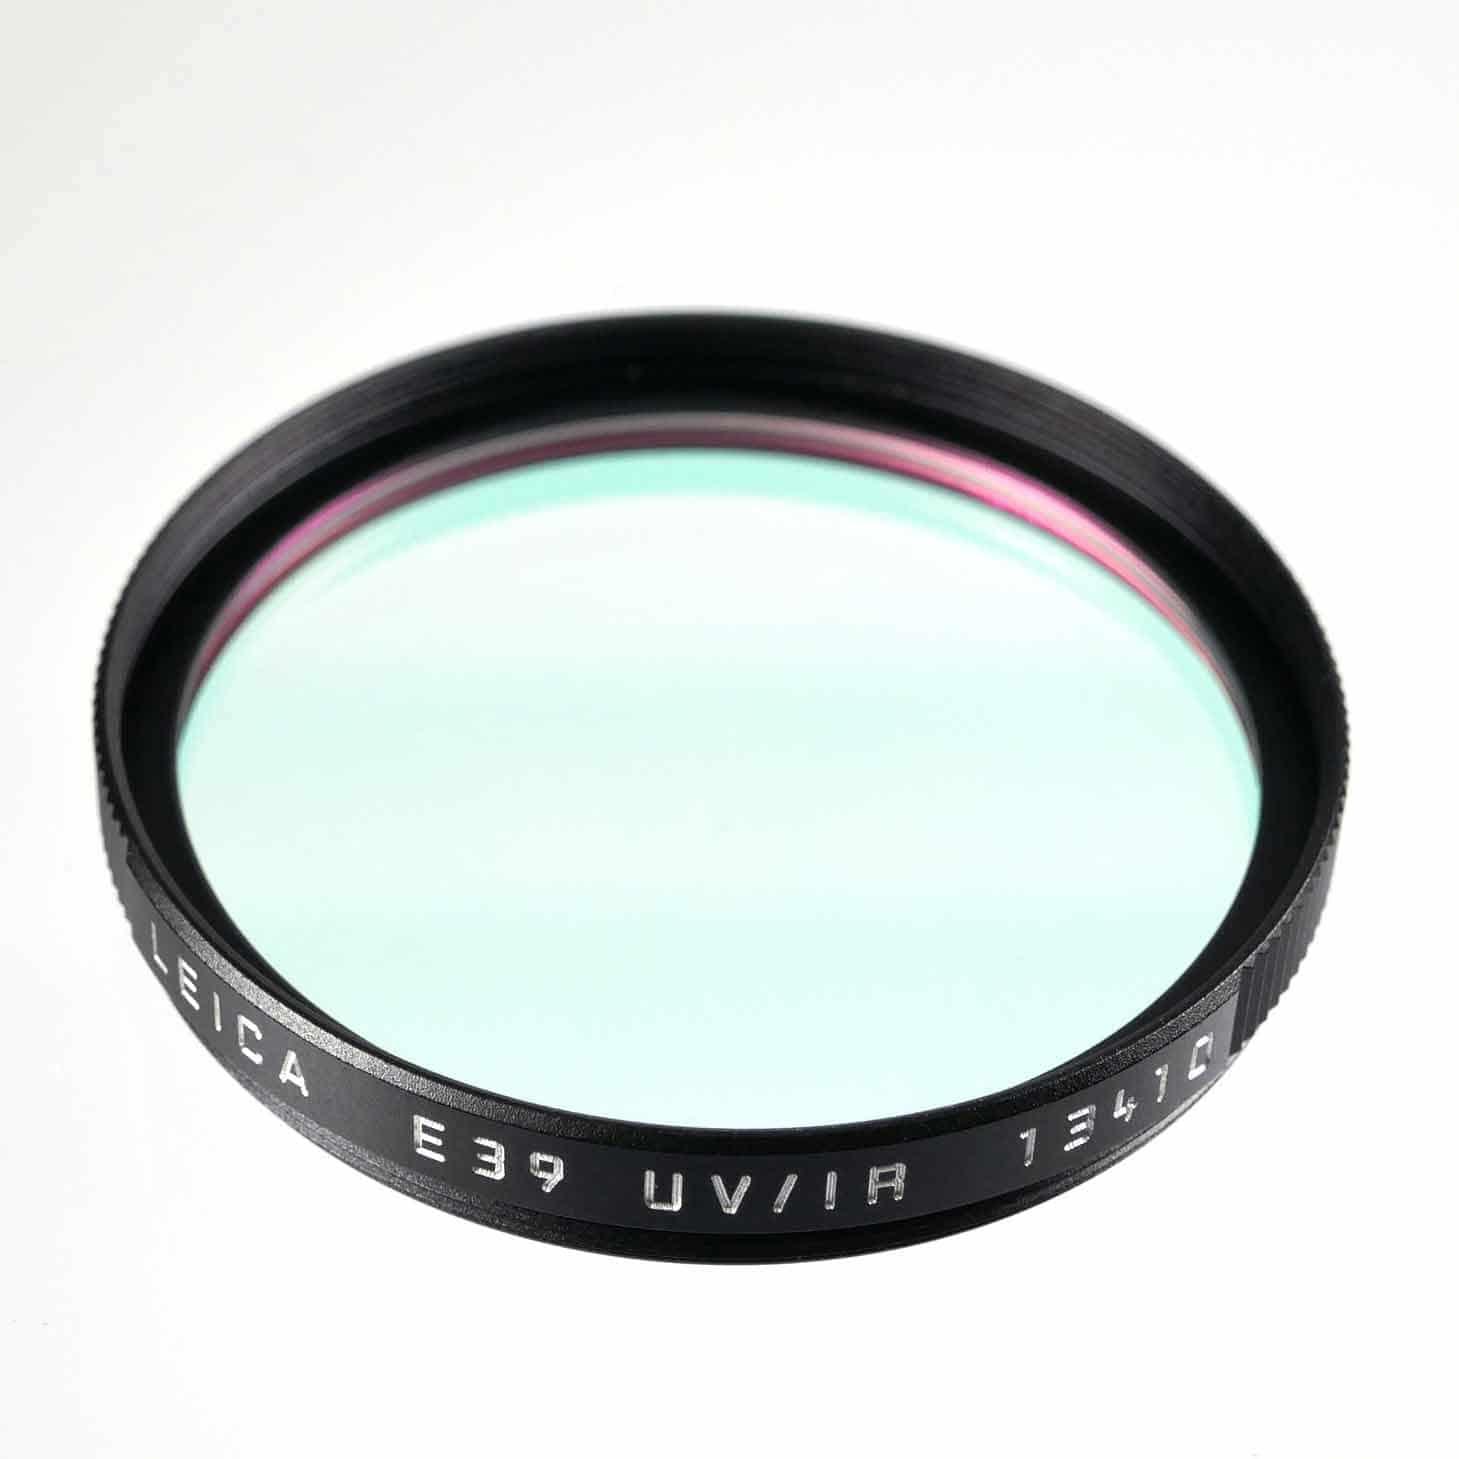 clean-cameras-LEICA-UV-IR-13410-E39-03